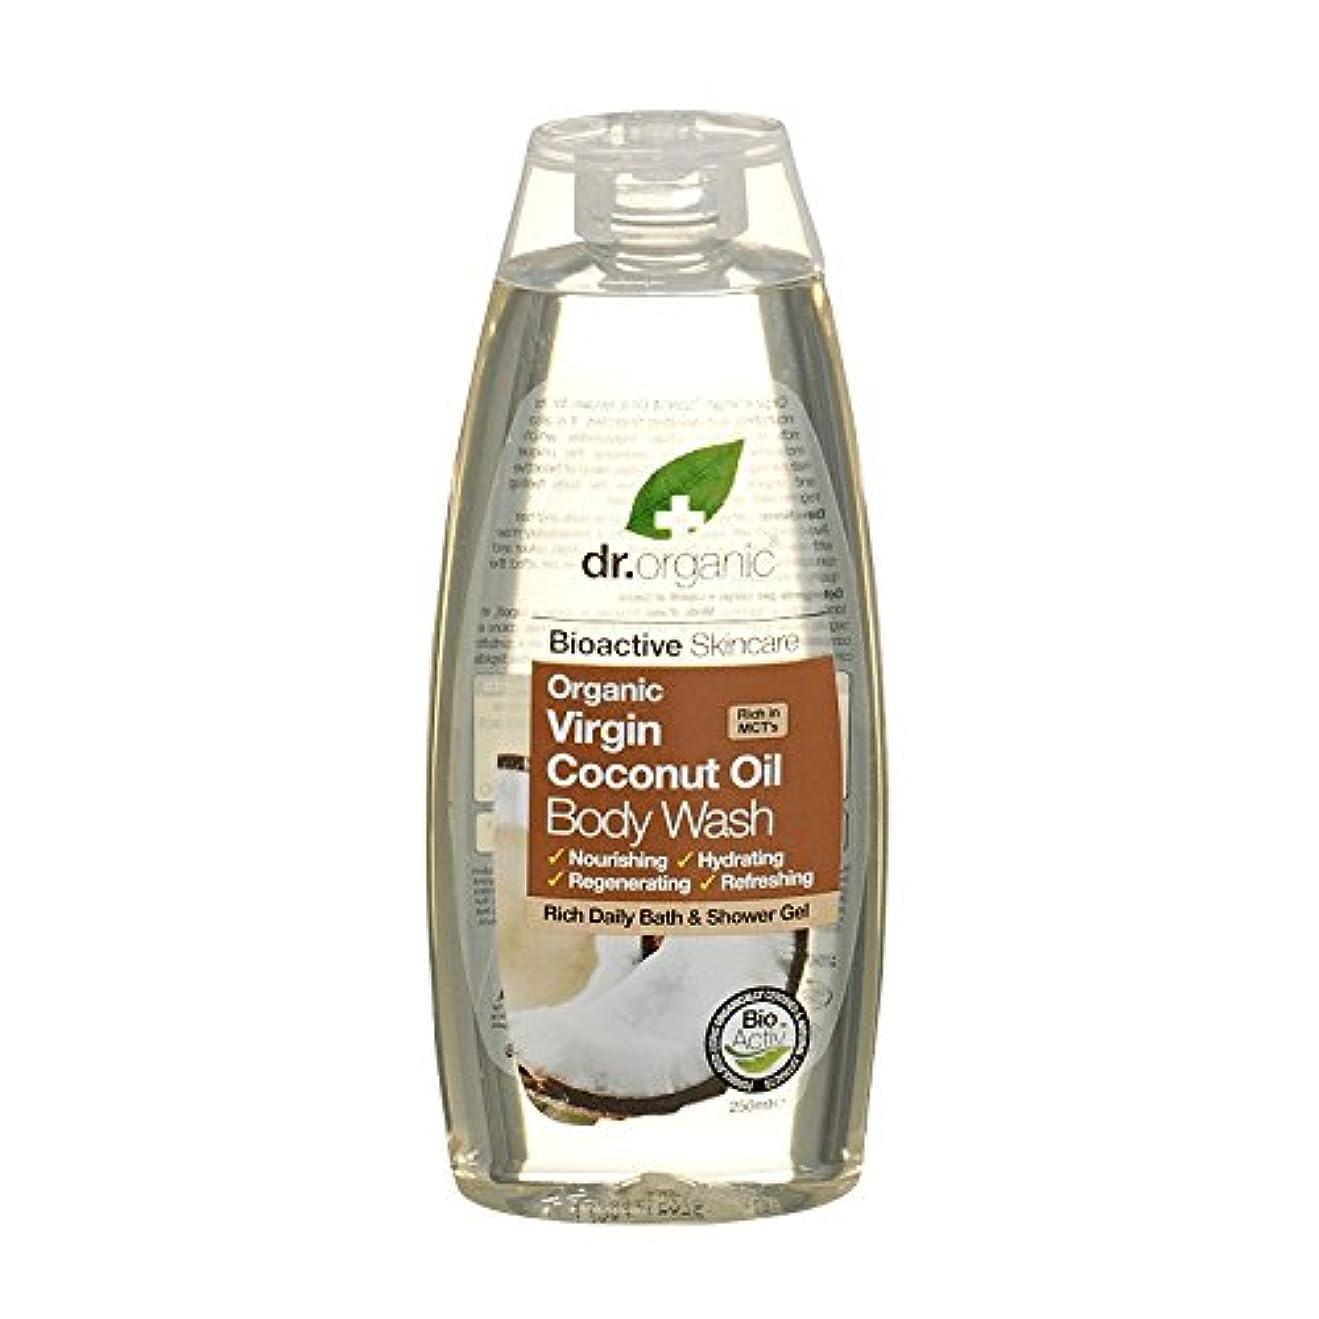 敏感な教師の日ありそうDr Organic Organic Virgin Coconut Oil Body Wash (Pack of 2) - Dr有機有機バージンココナッツオイルボディウォッシュ (x2) [並行輸入品]